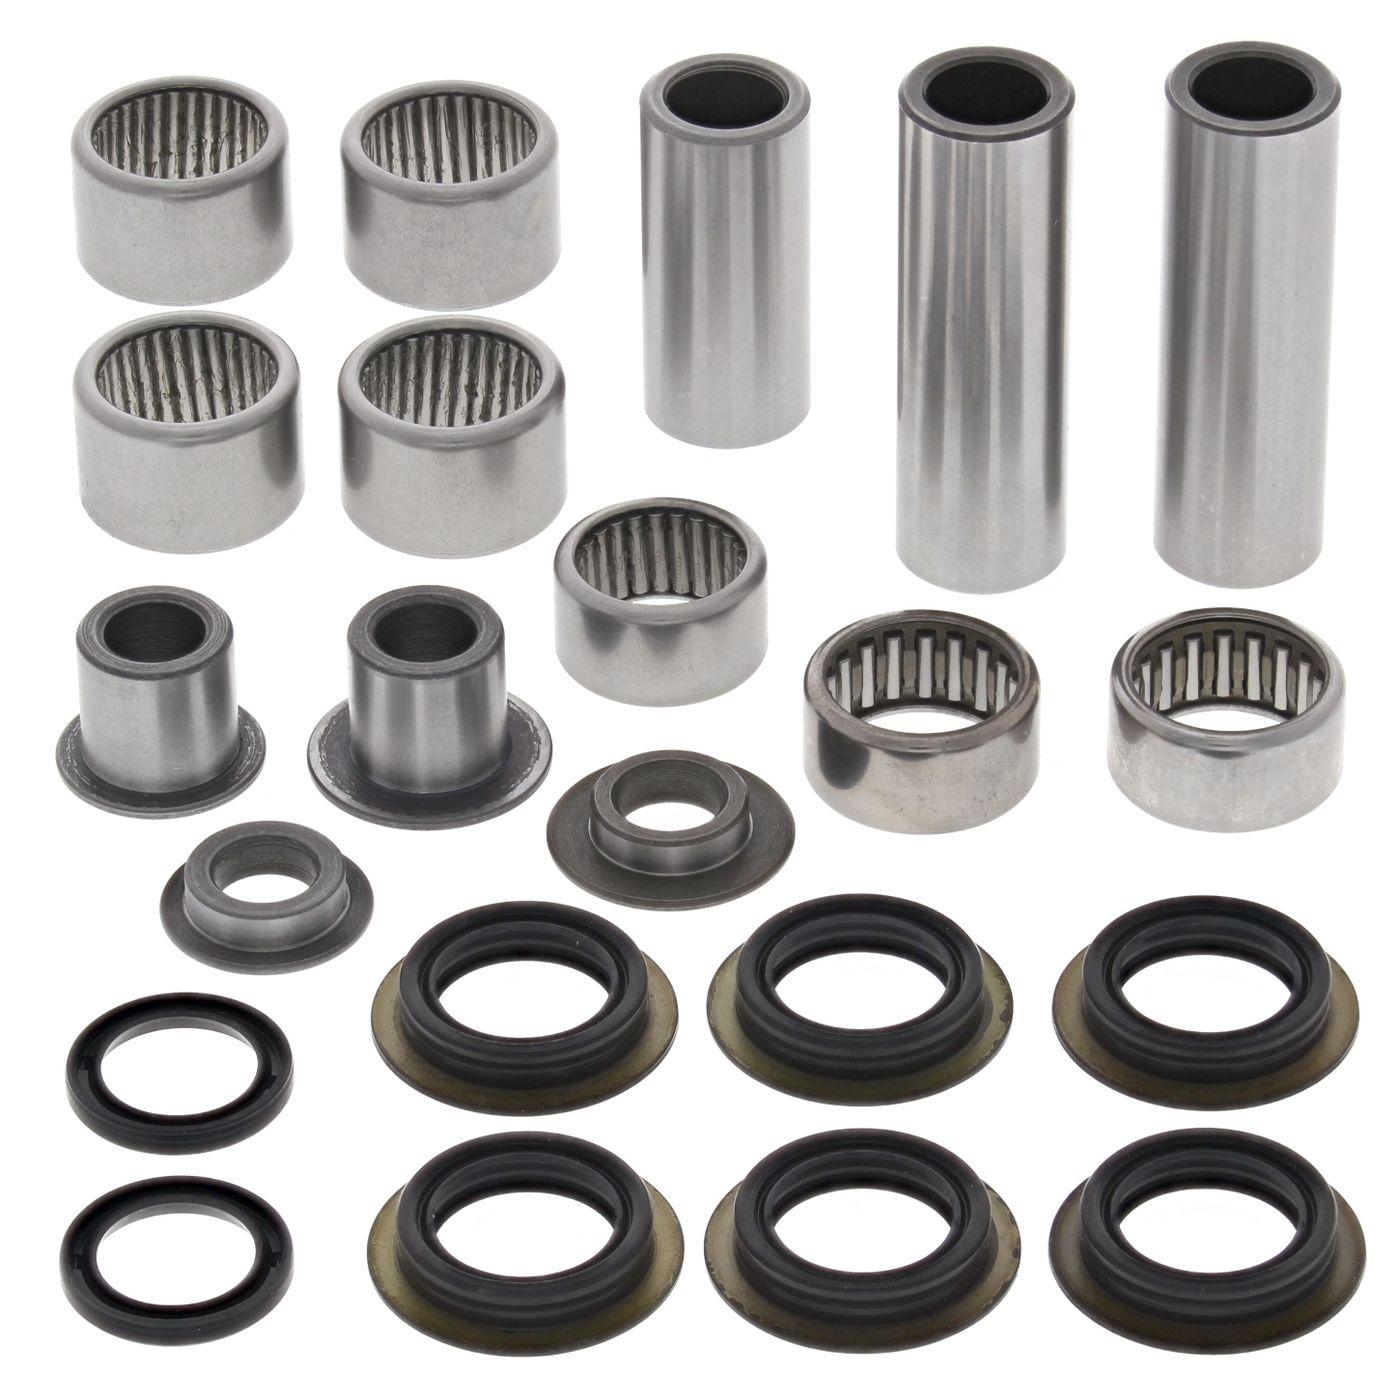 wrp shock linkage bearing kits - WRP271012 image